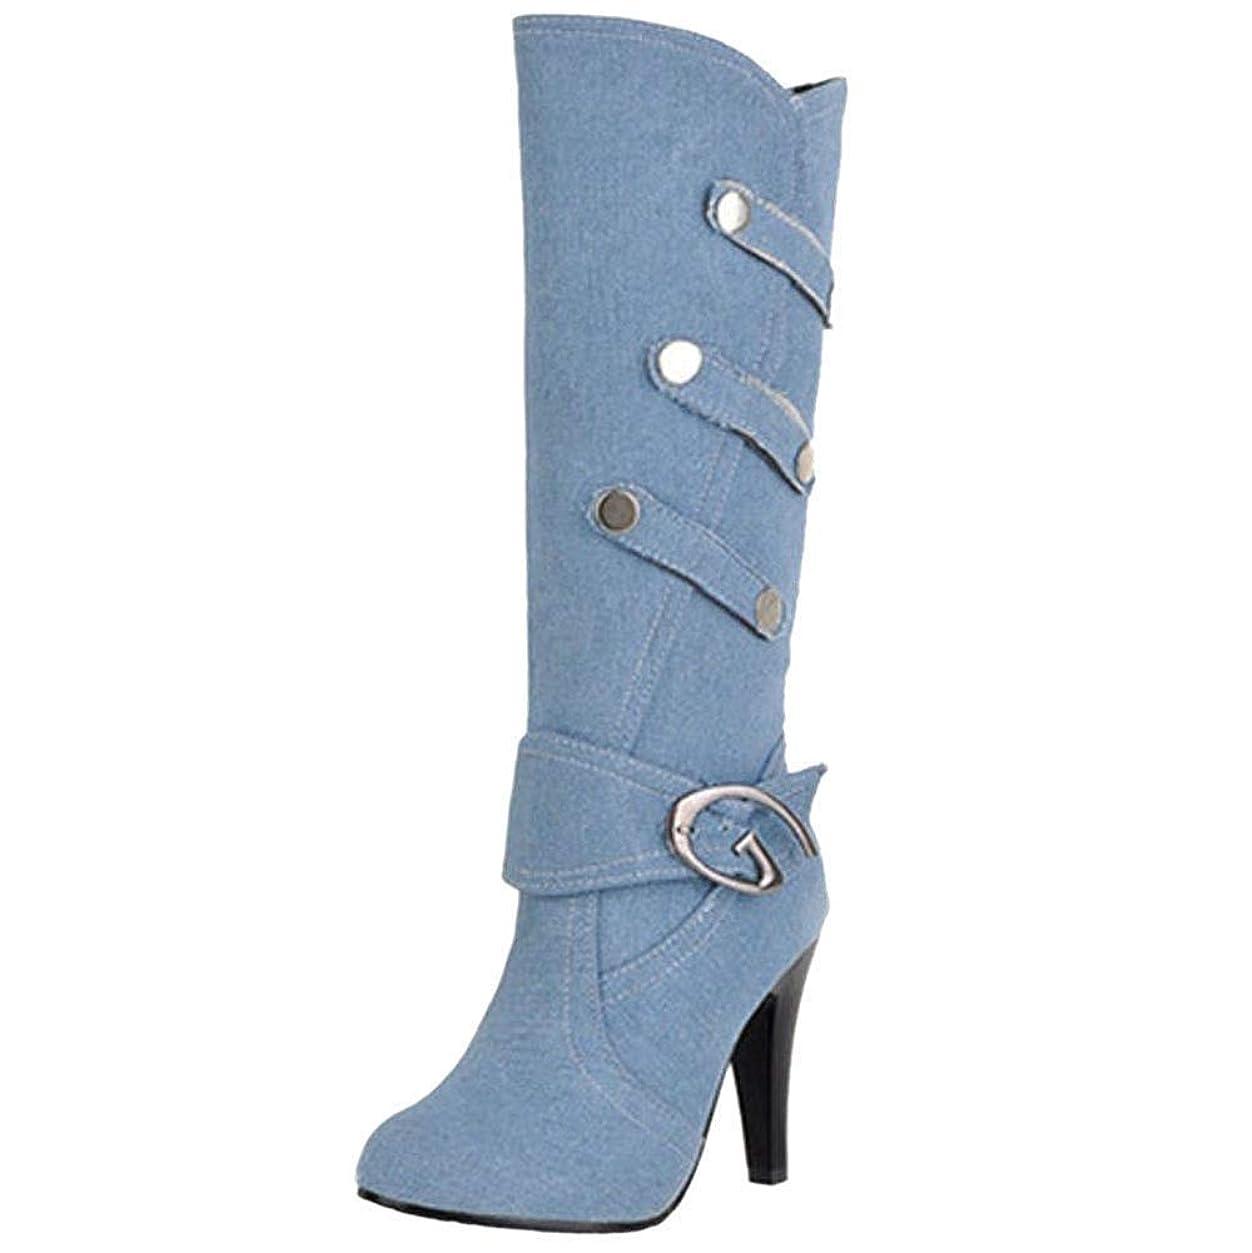 接続された包帯訪問[Unm] レディーズ ファッション ハイヒール 長いです ブーツ 引き上げる